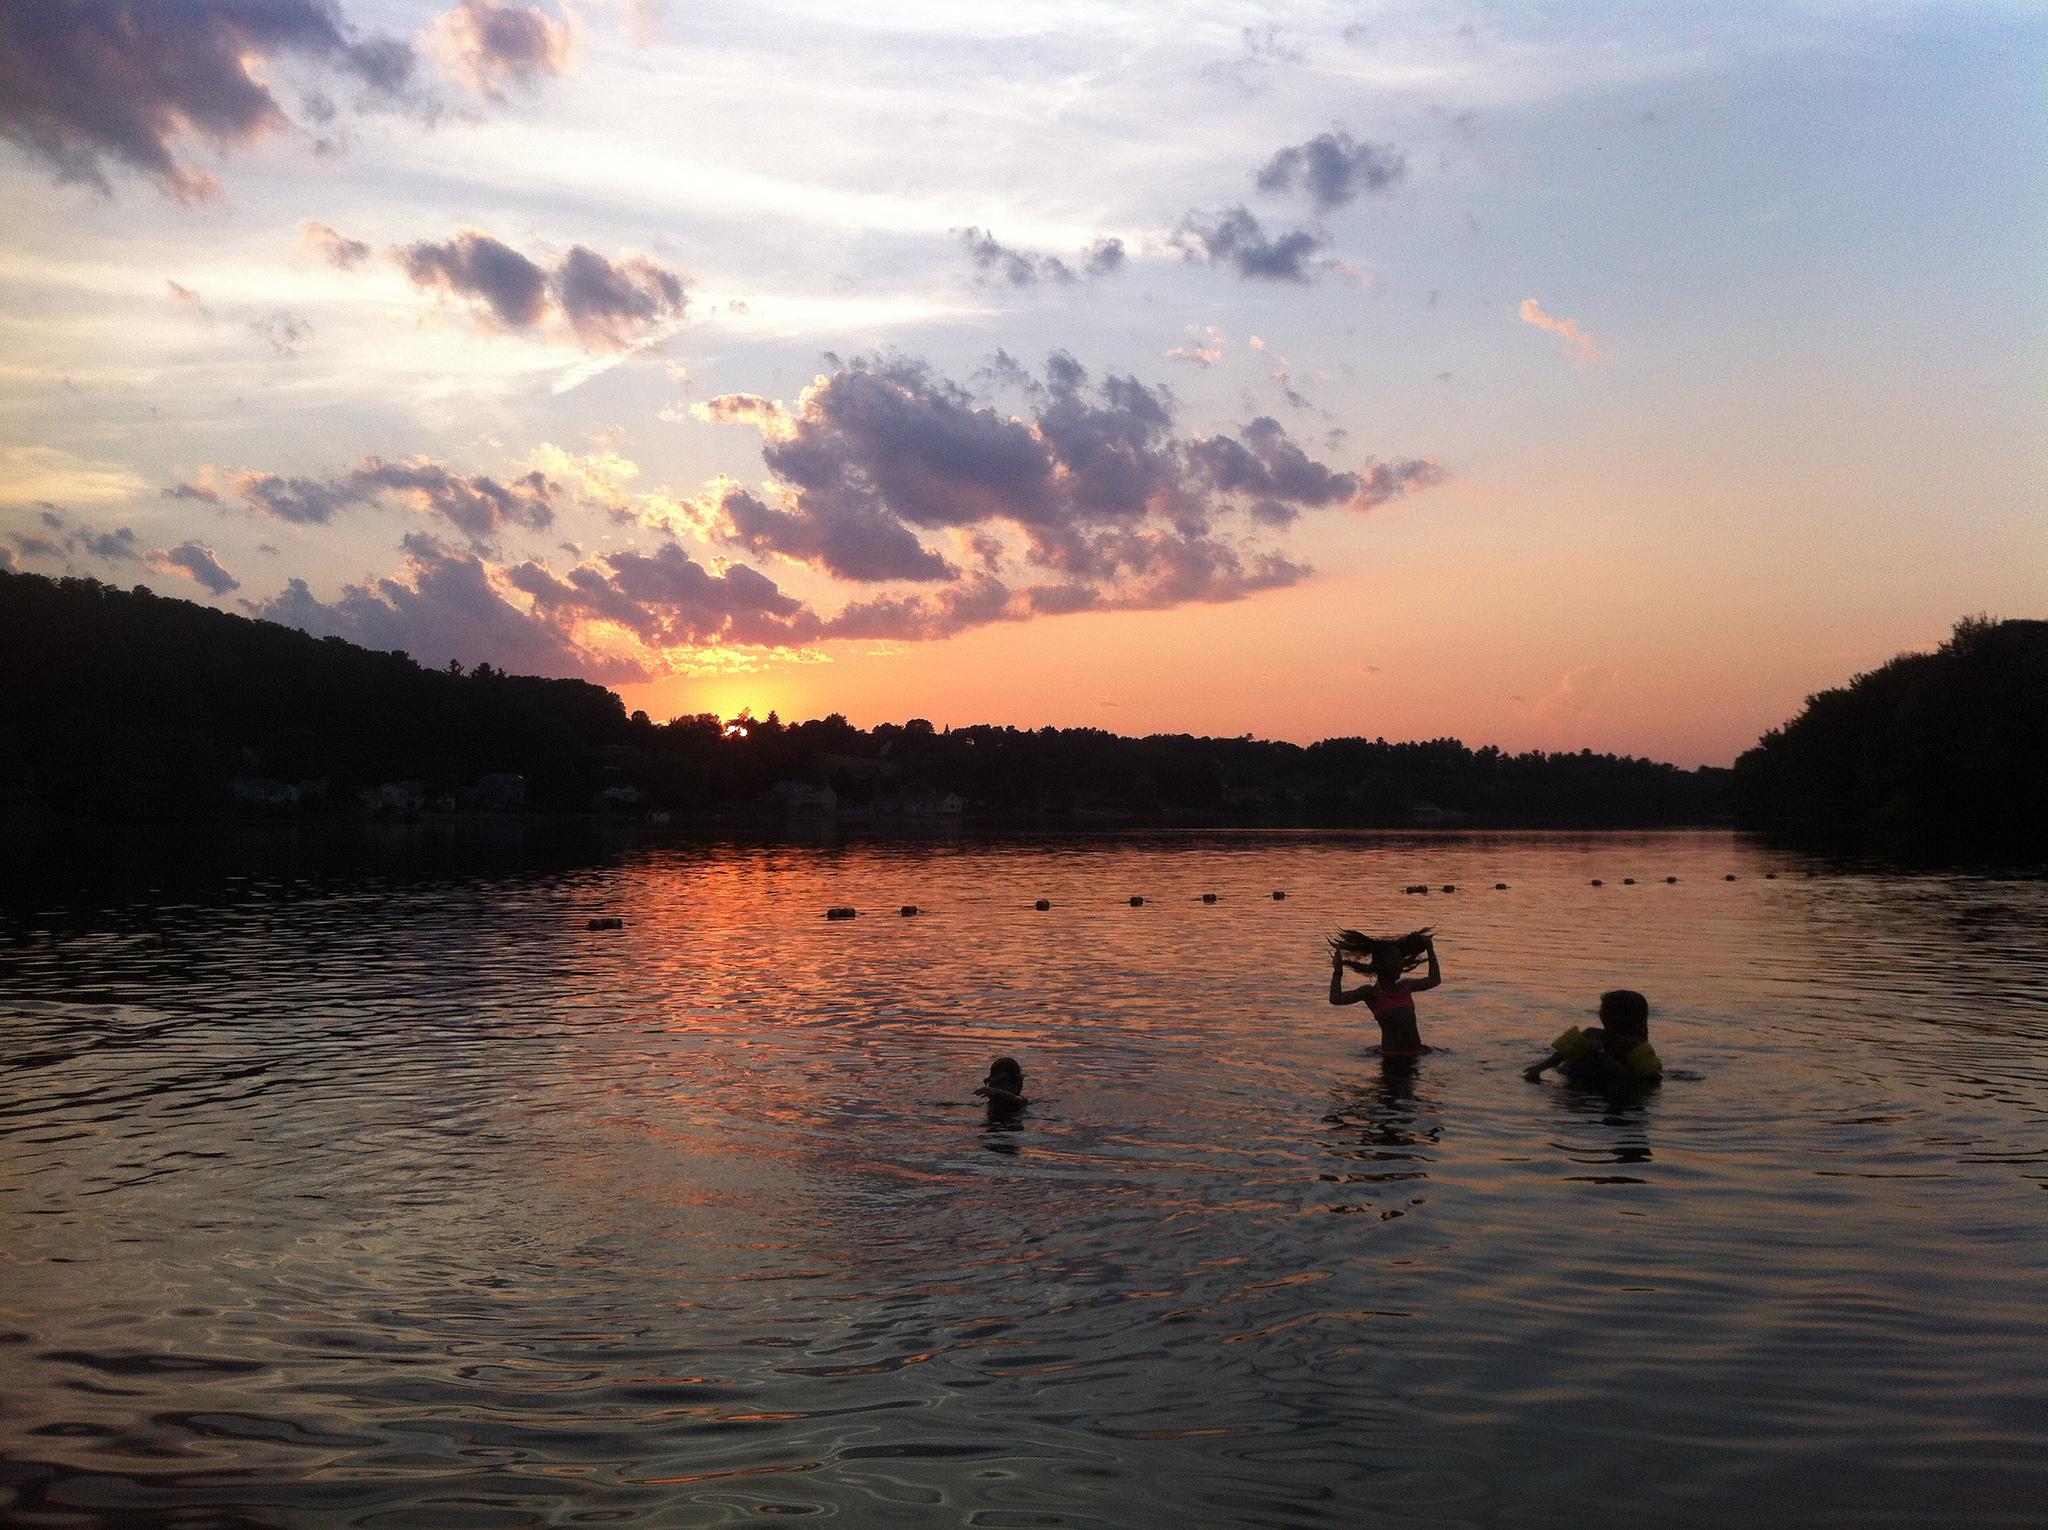 Lake Gardner Swimmers at sunset